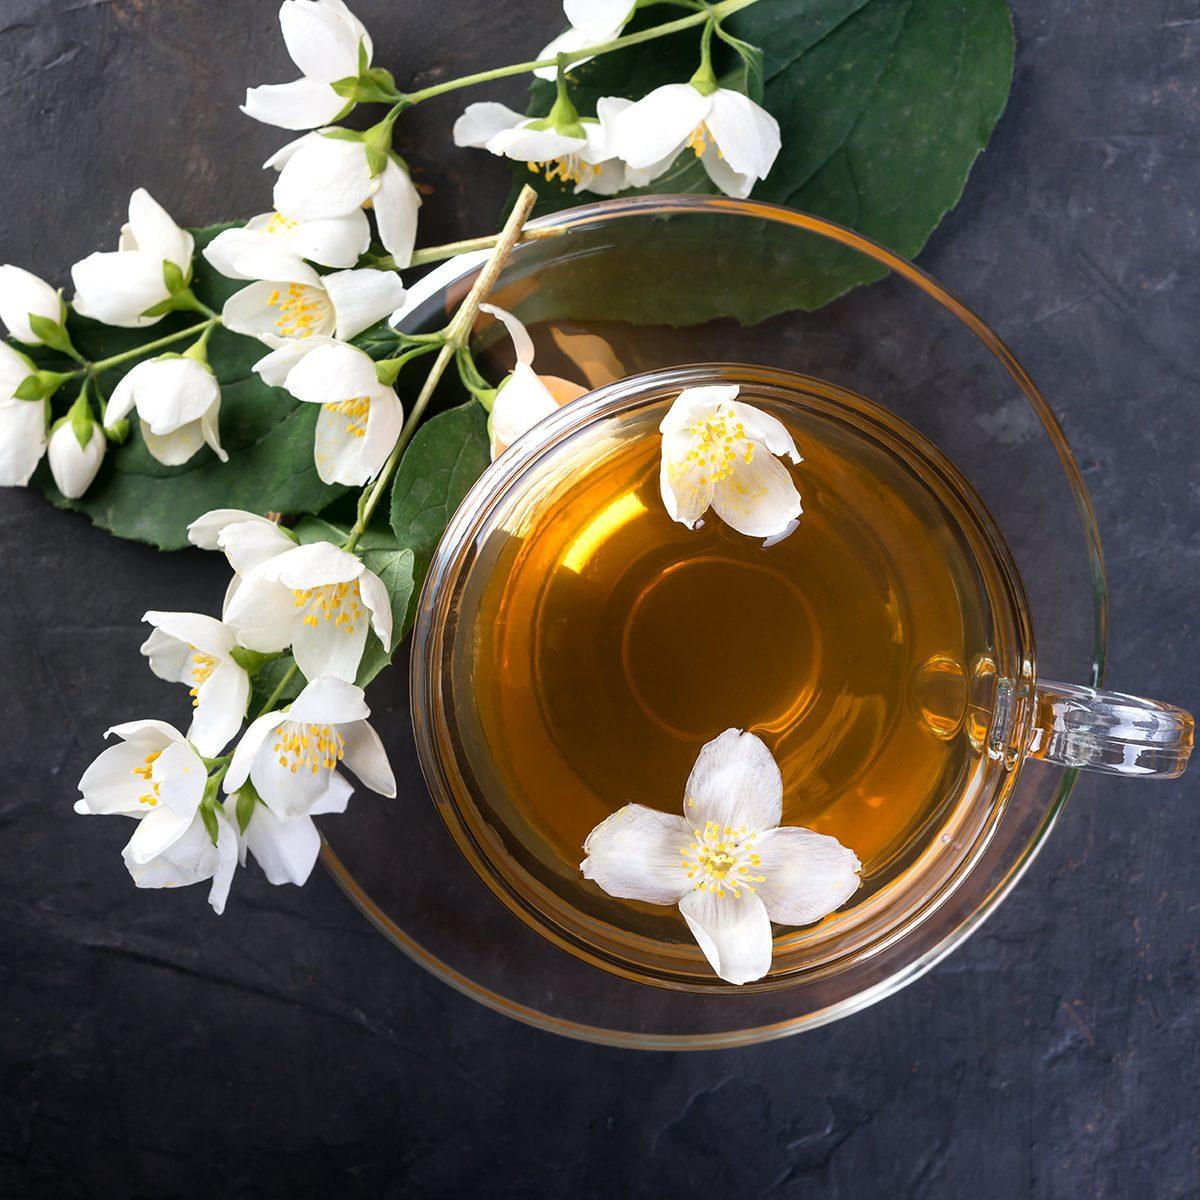 Green tea and flower petals